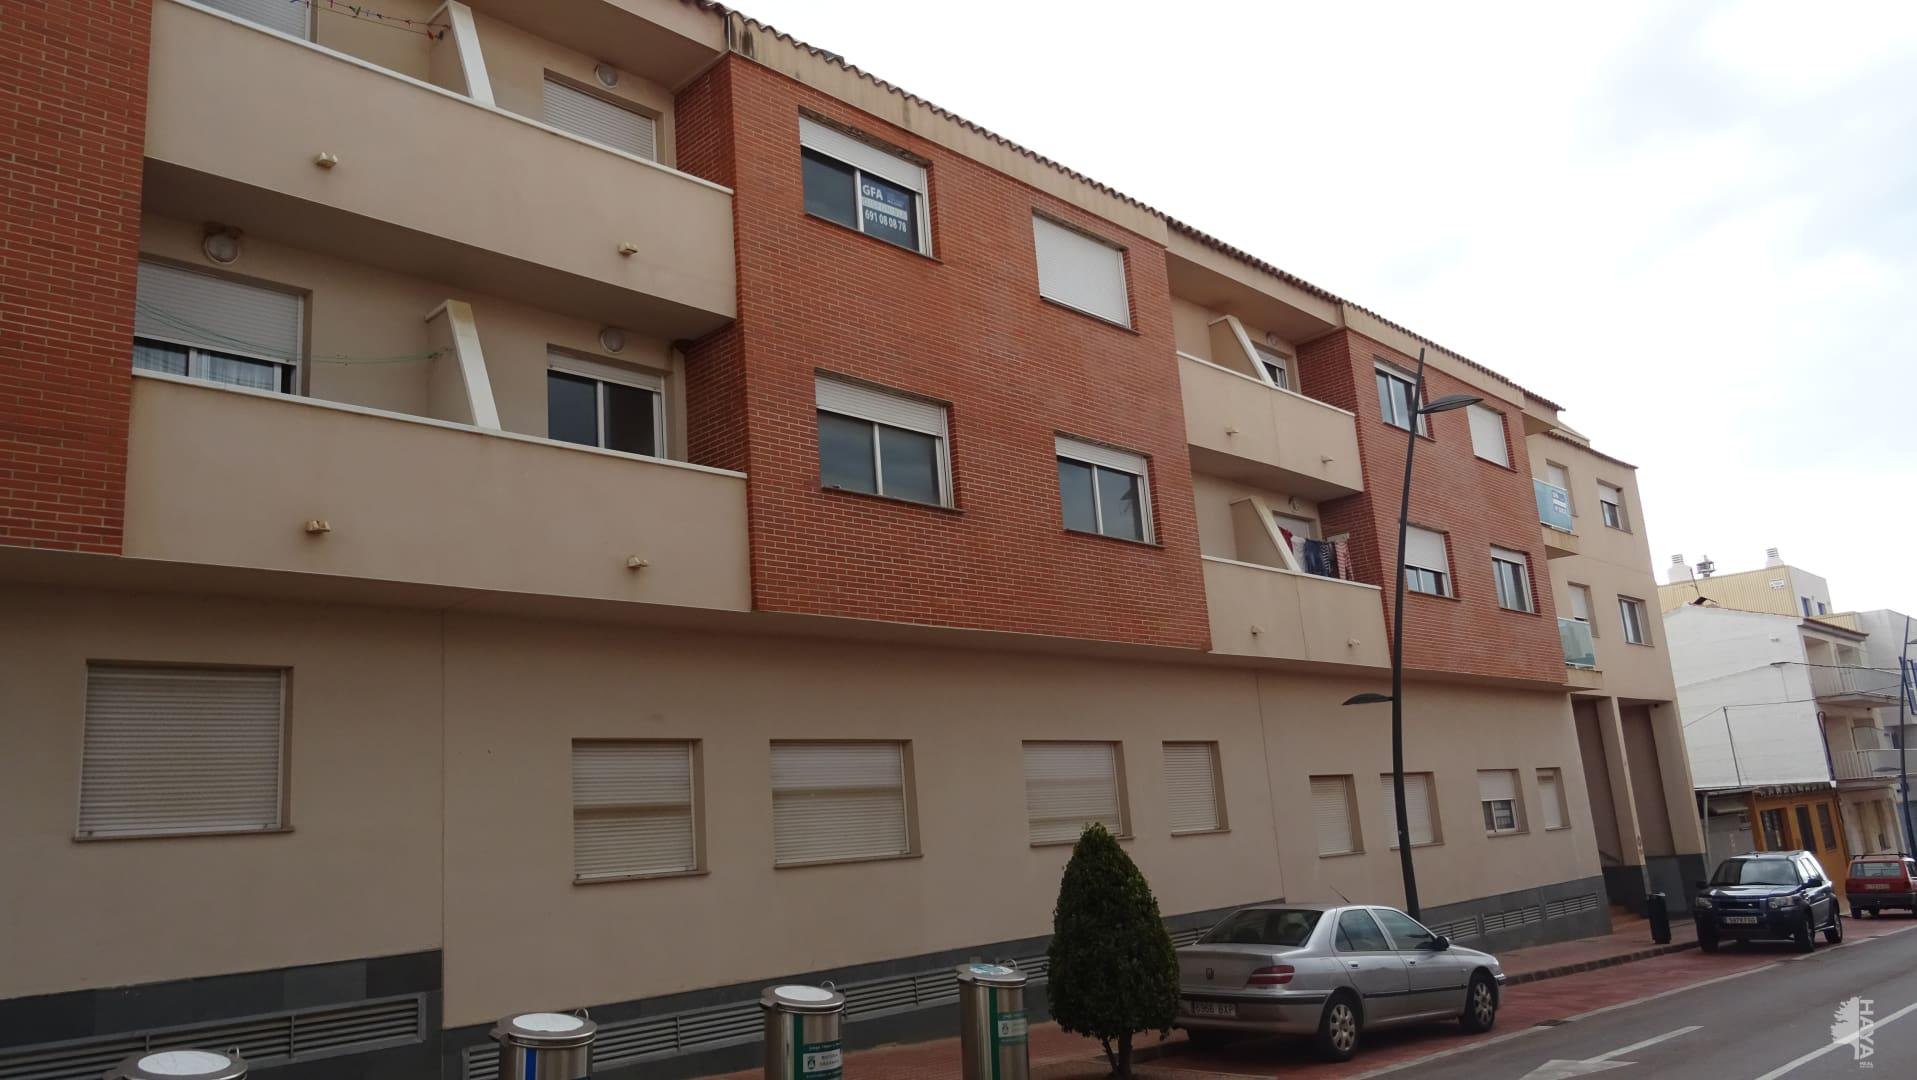 Piso en venta en Torreblanca, Castellón, Calle Colon, 53.000 €, 2 habitaciones, 1 baño, 75 m2